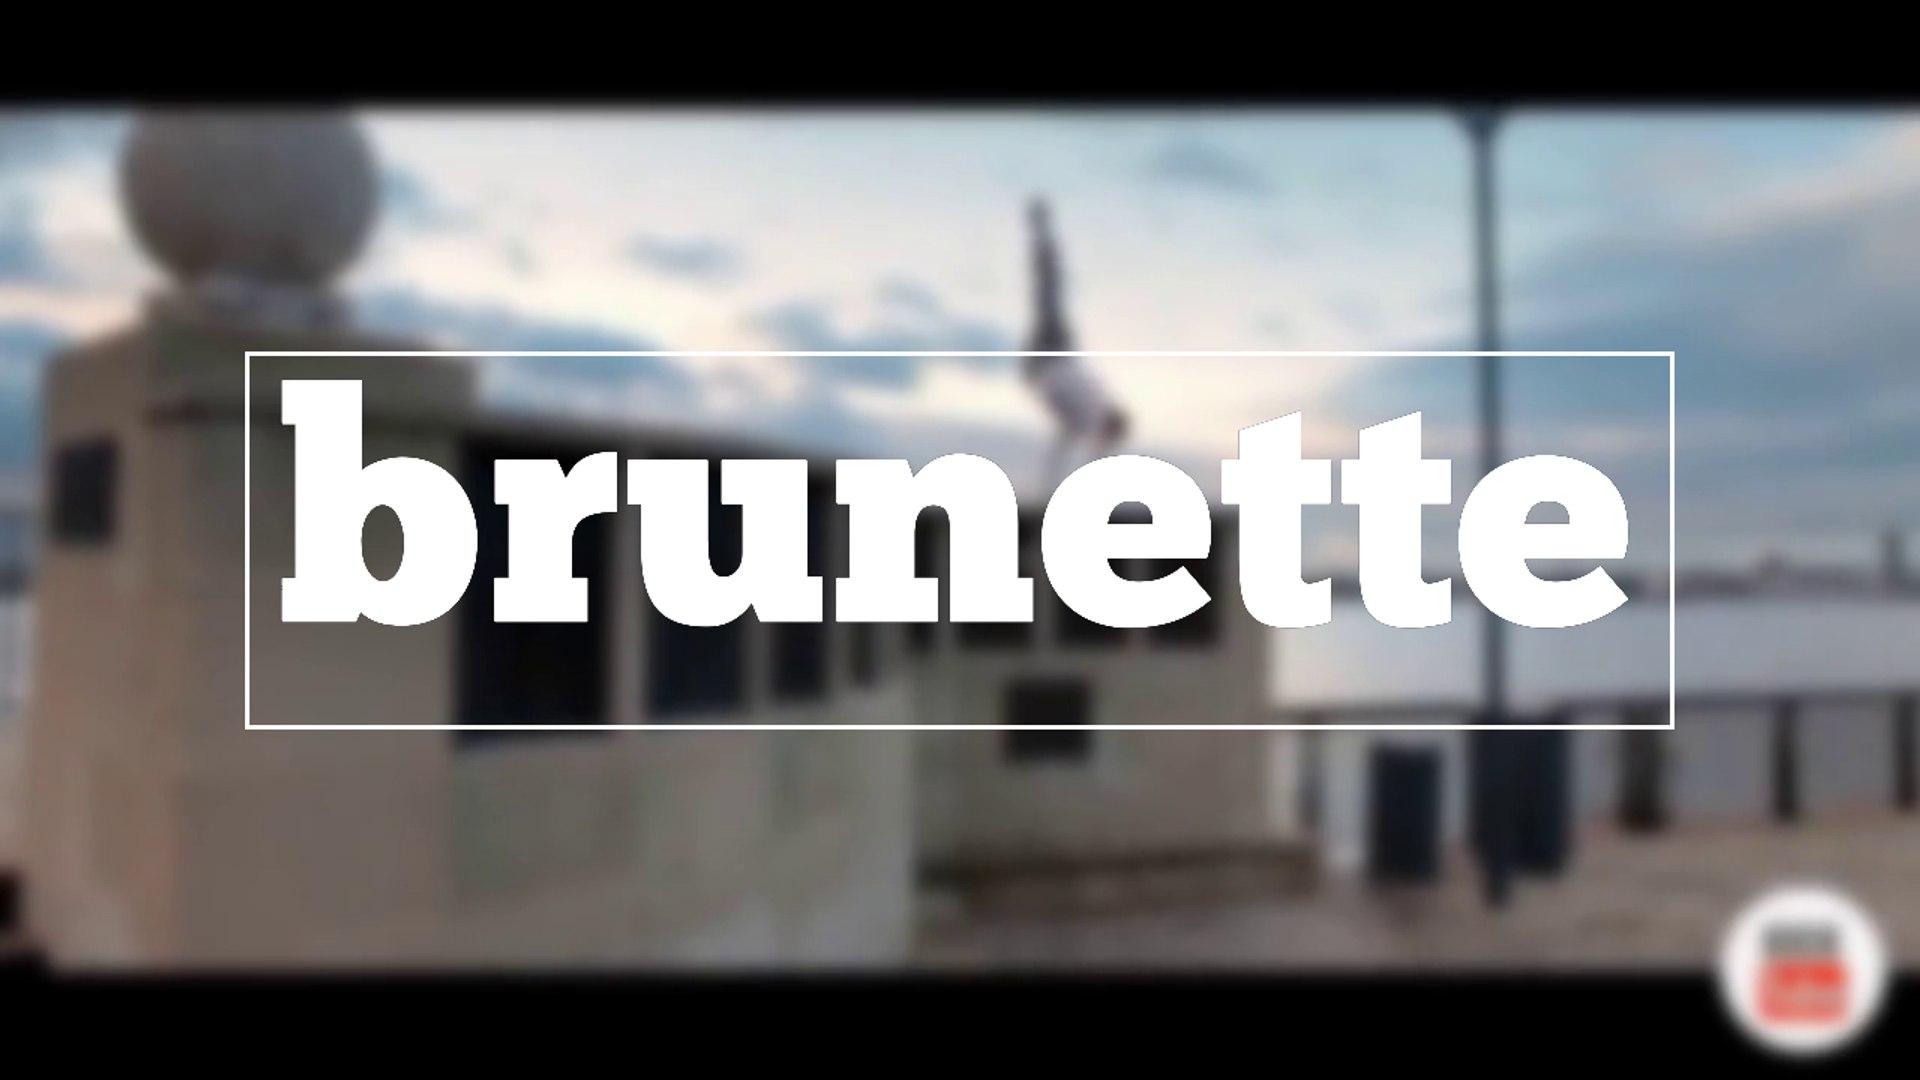 brunette spelling - video Dailymotion